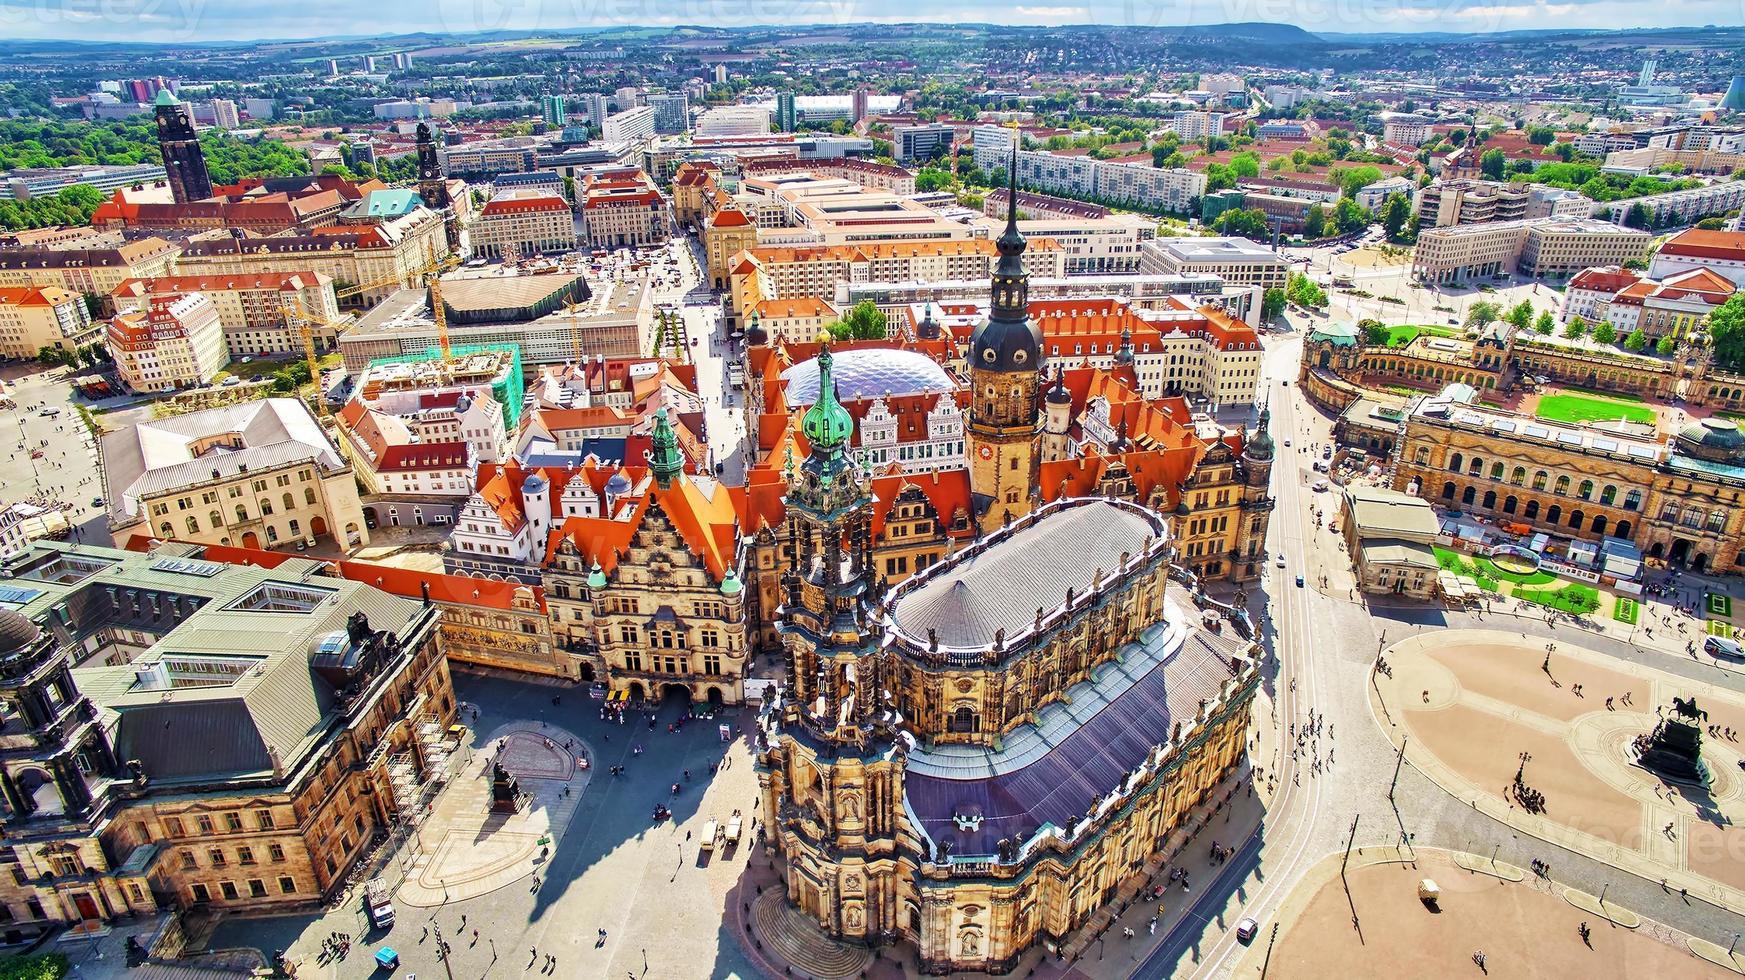 centro storico del centro storico di Dresda. foto